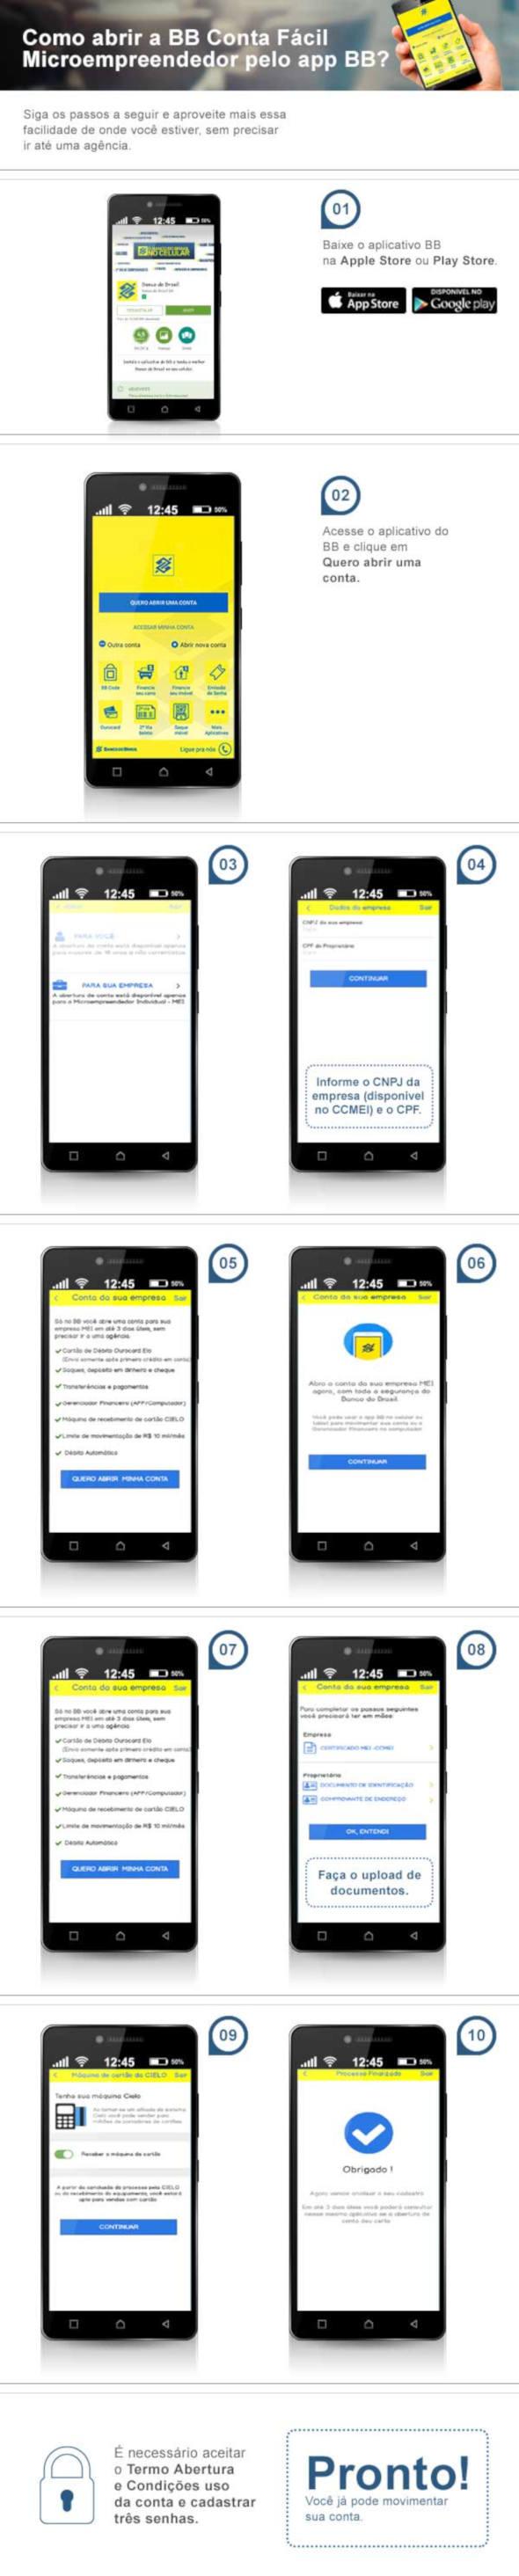 Tutorial abertura de conta MEI pelo celular no Banco do Brasil.